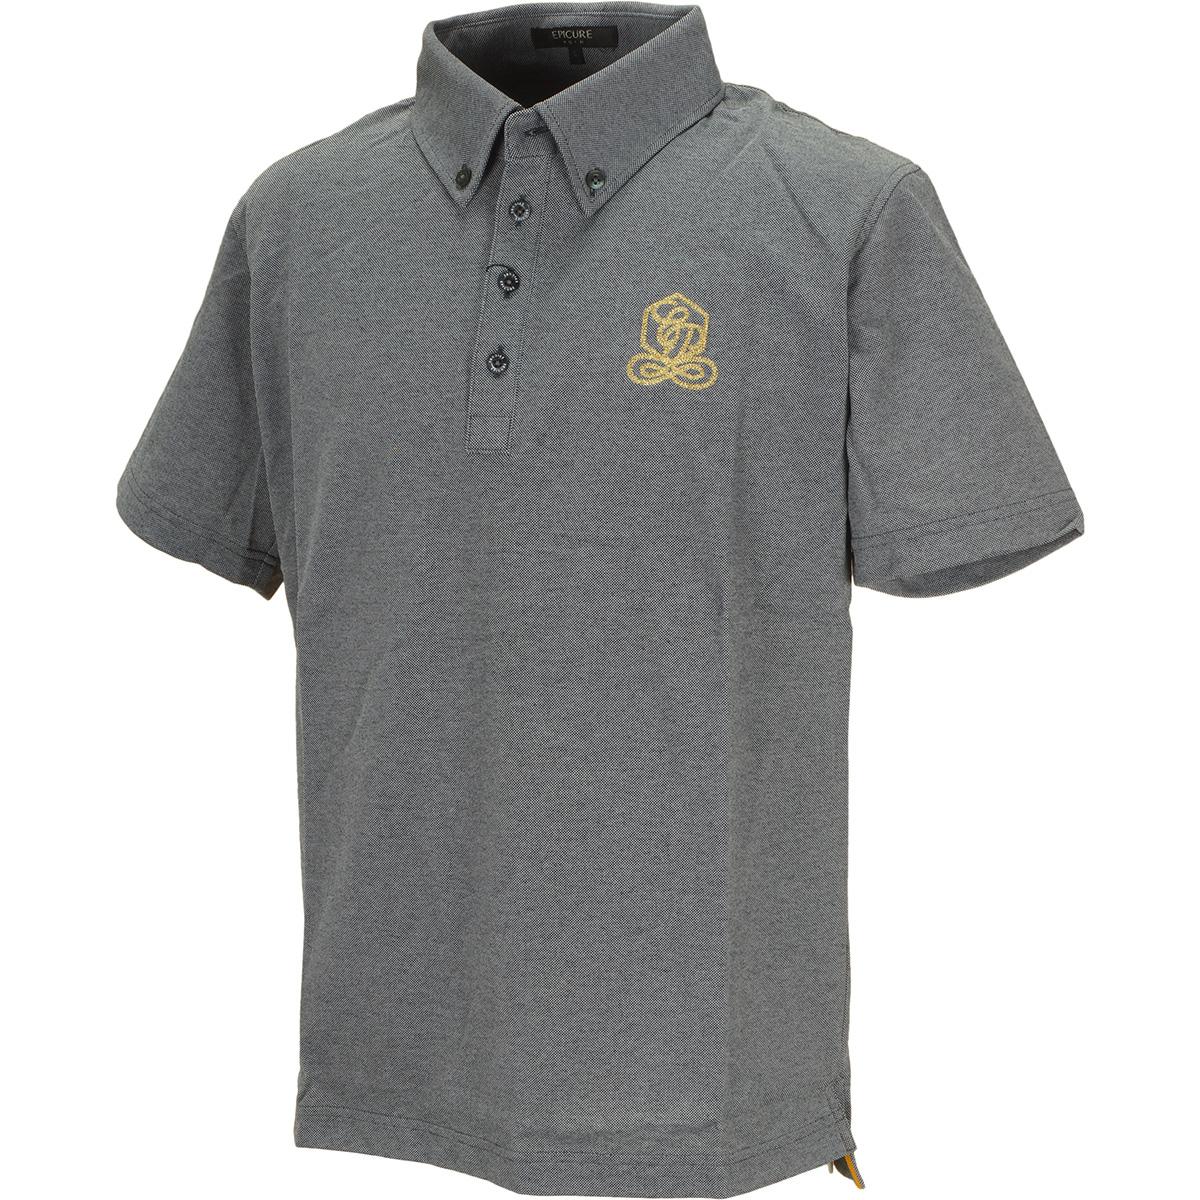 クールマックス 鹿の子 ボタンダウン半袖ポロシャツ